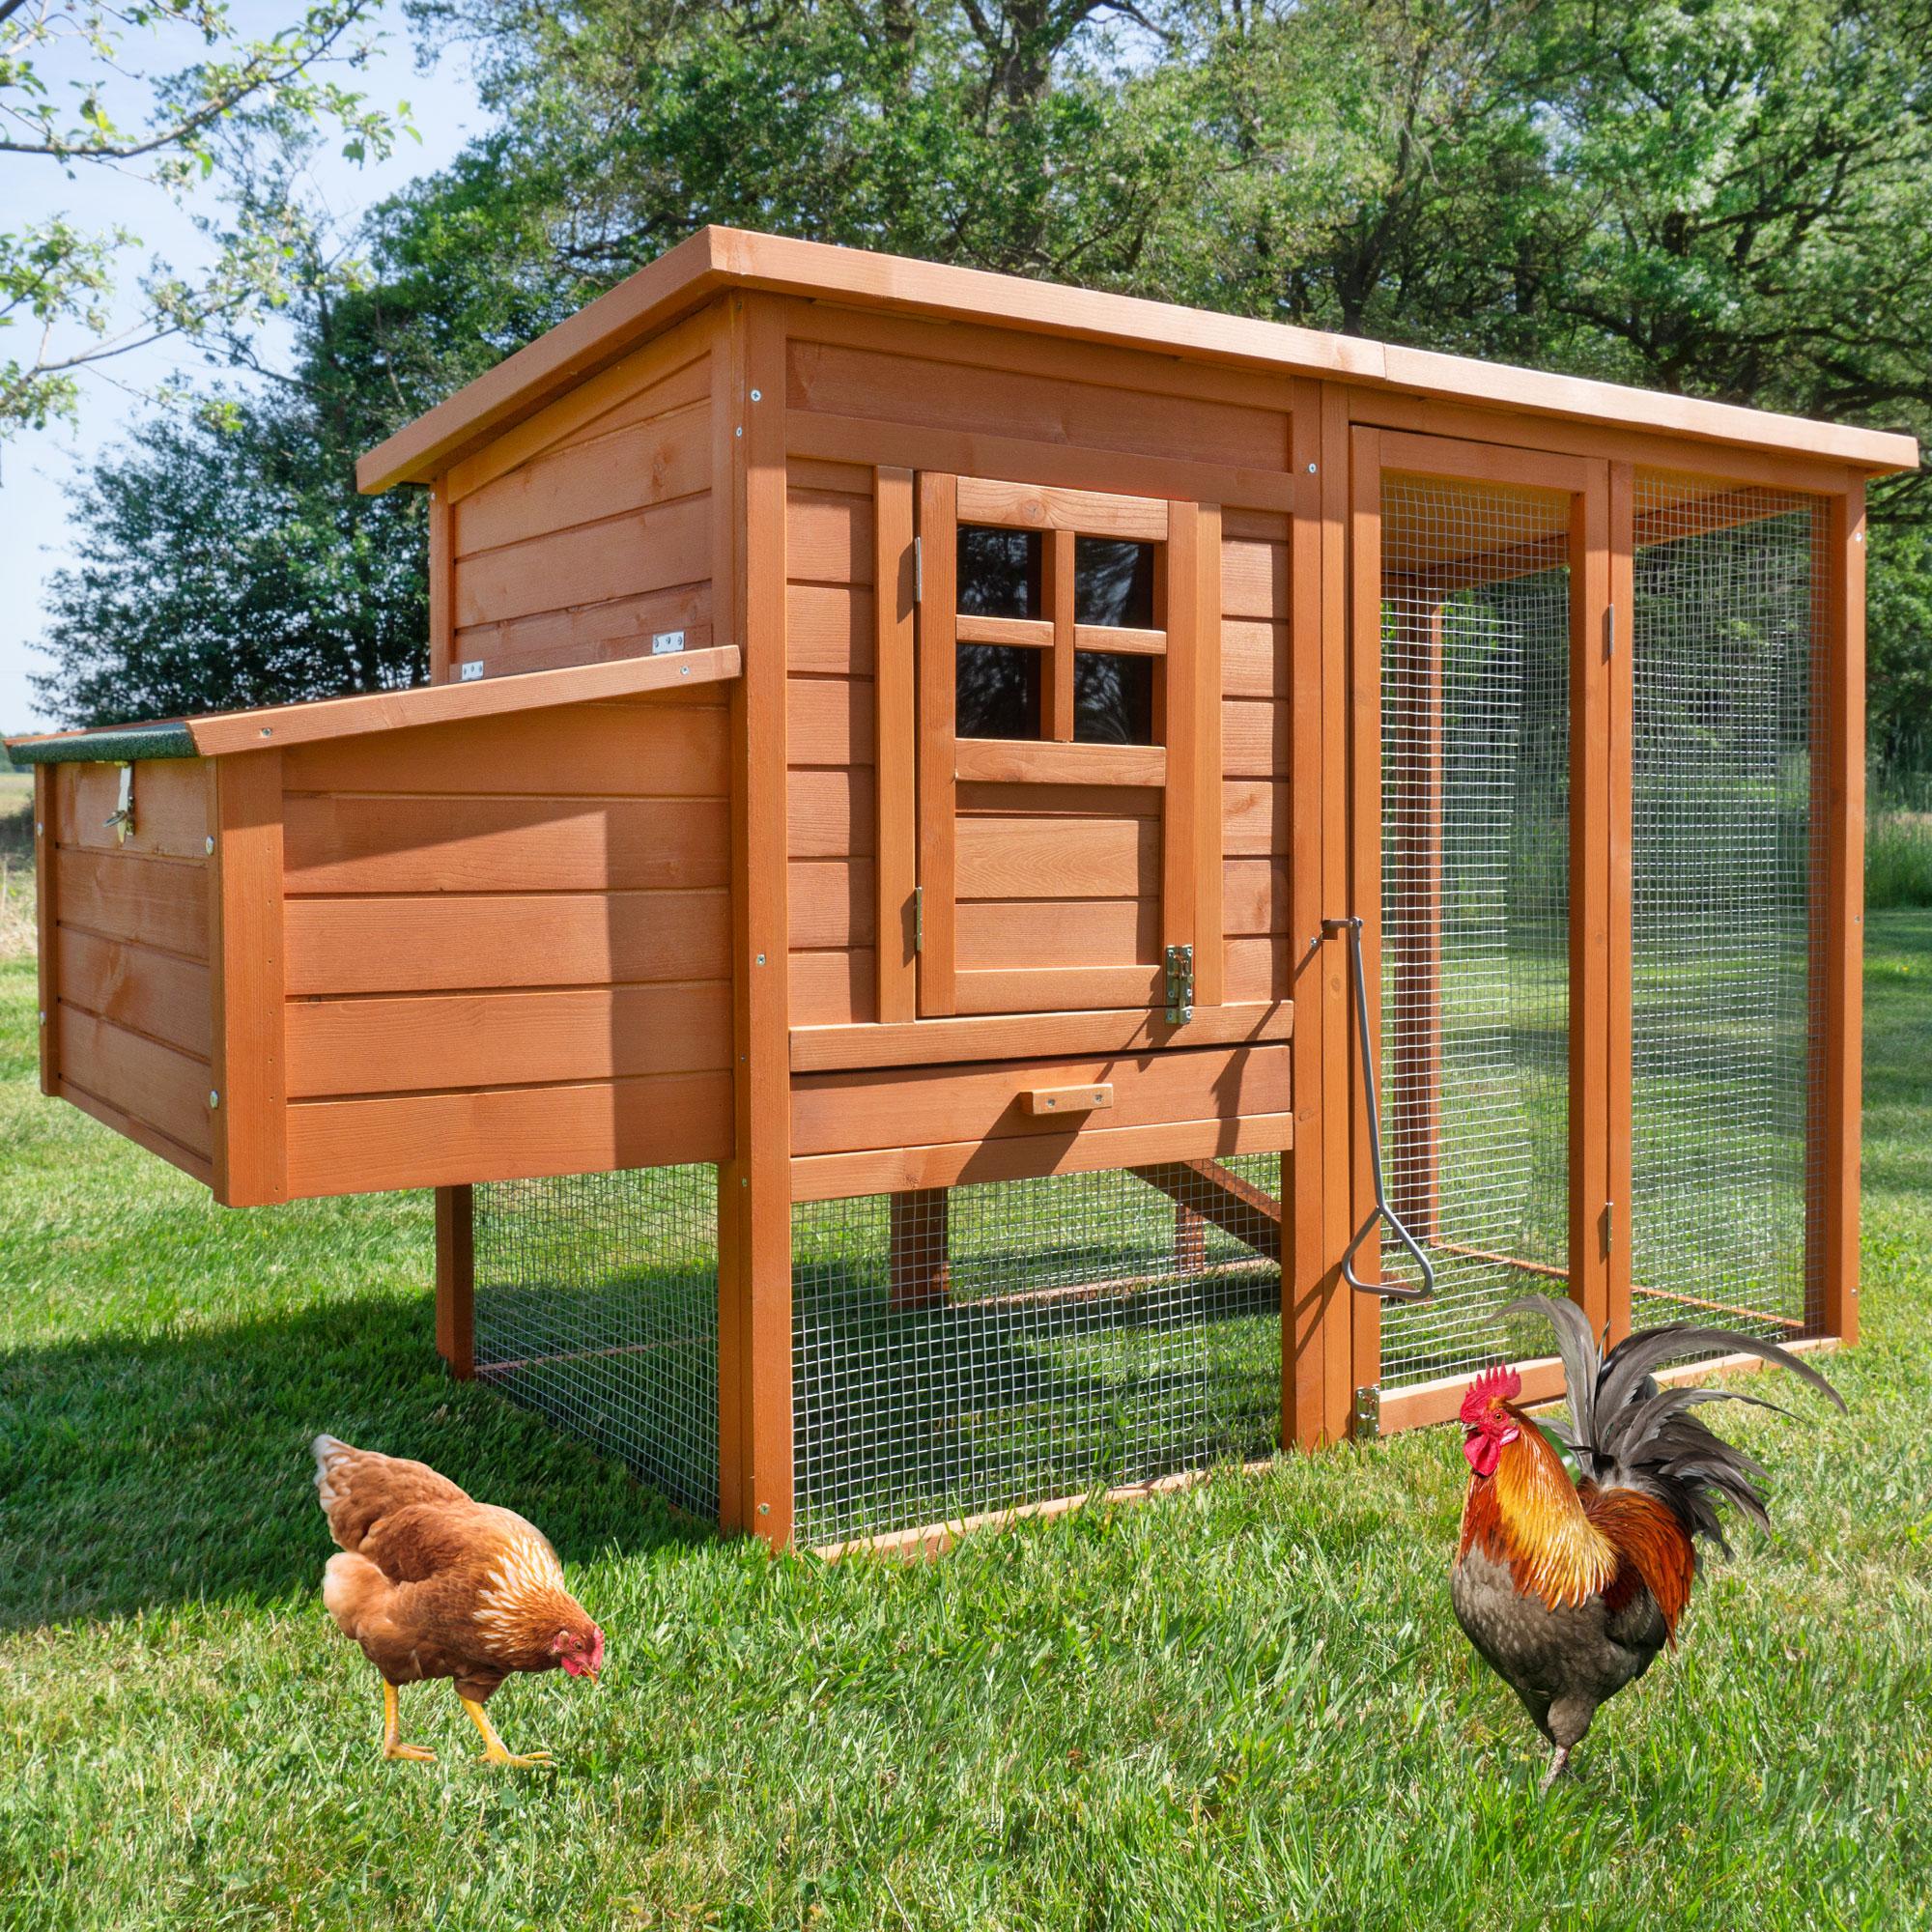 zooprinz hühnervoliere 131 xxl hühnerstall hühnerhaus